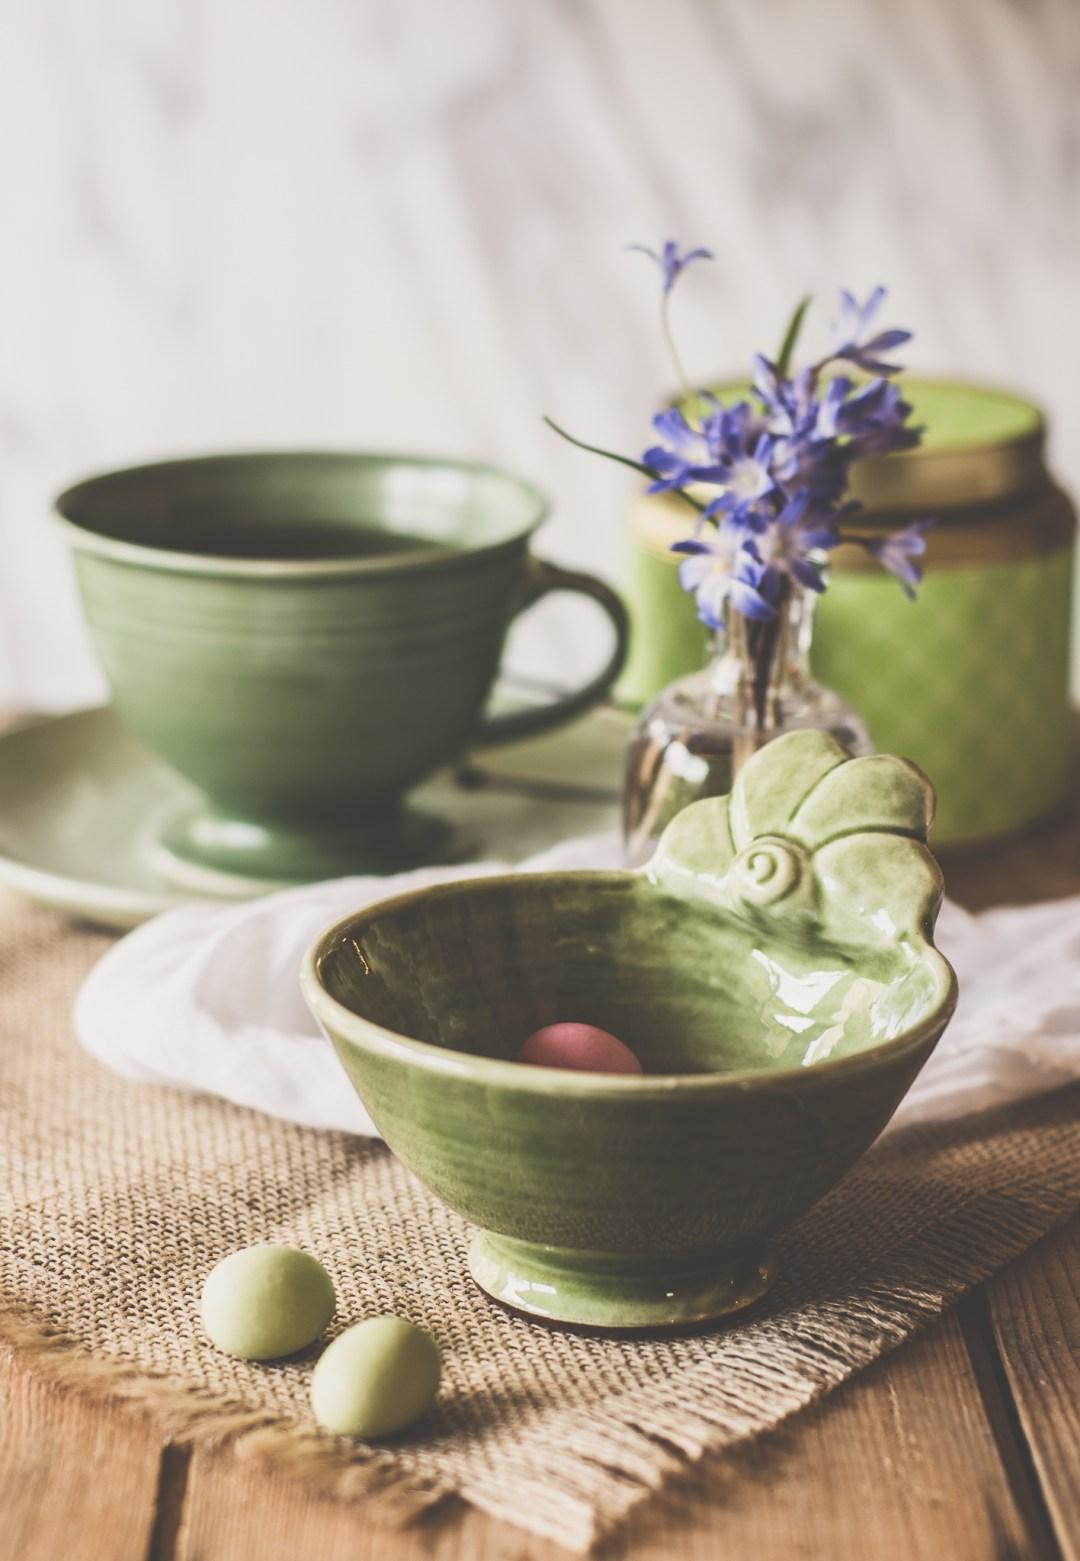 grönt skål mikaela willers